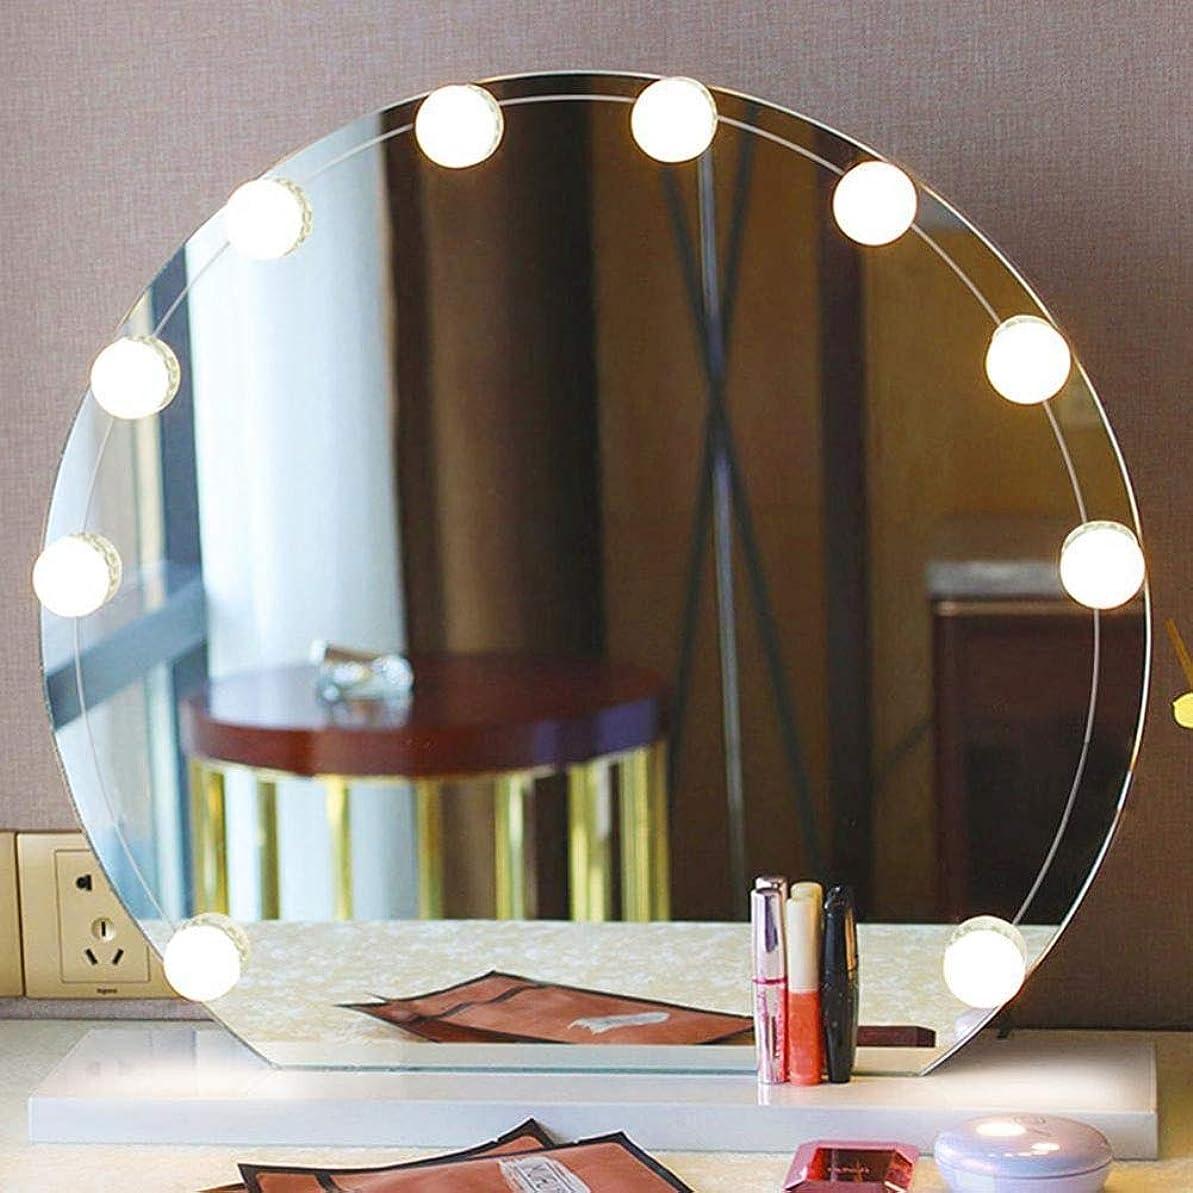 旋律的平凡名義でtiktok 女優ミラーライト 10個LED電球 USB給電 調光可能 ひもの長さも調整でき 化粧鏡ライト 10W 省エネ 取り付け便利 化粧台 美容室などに適用